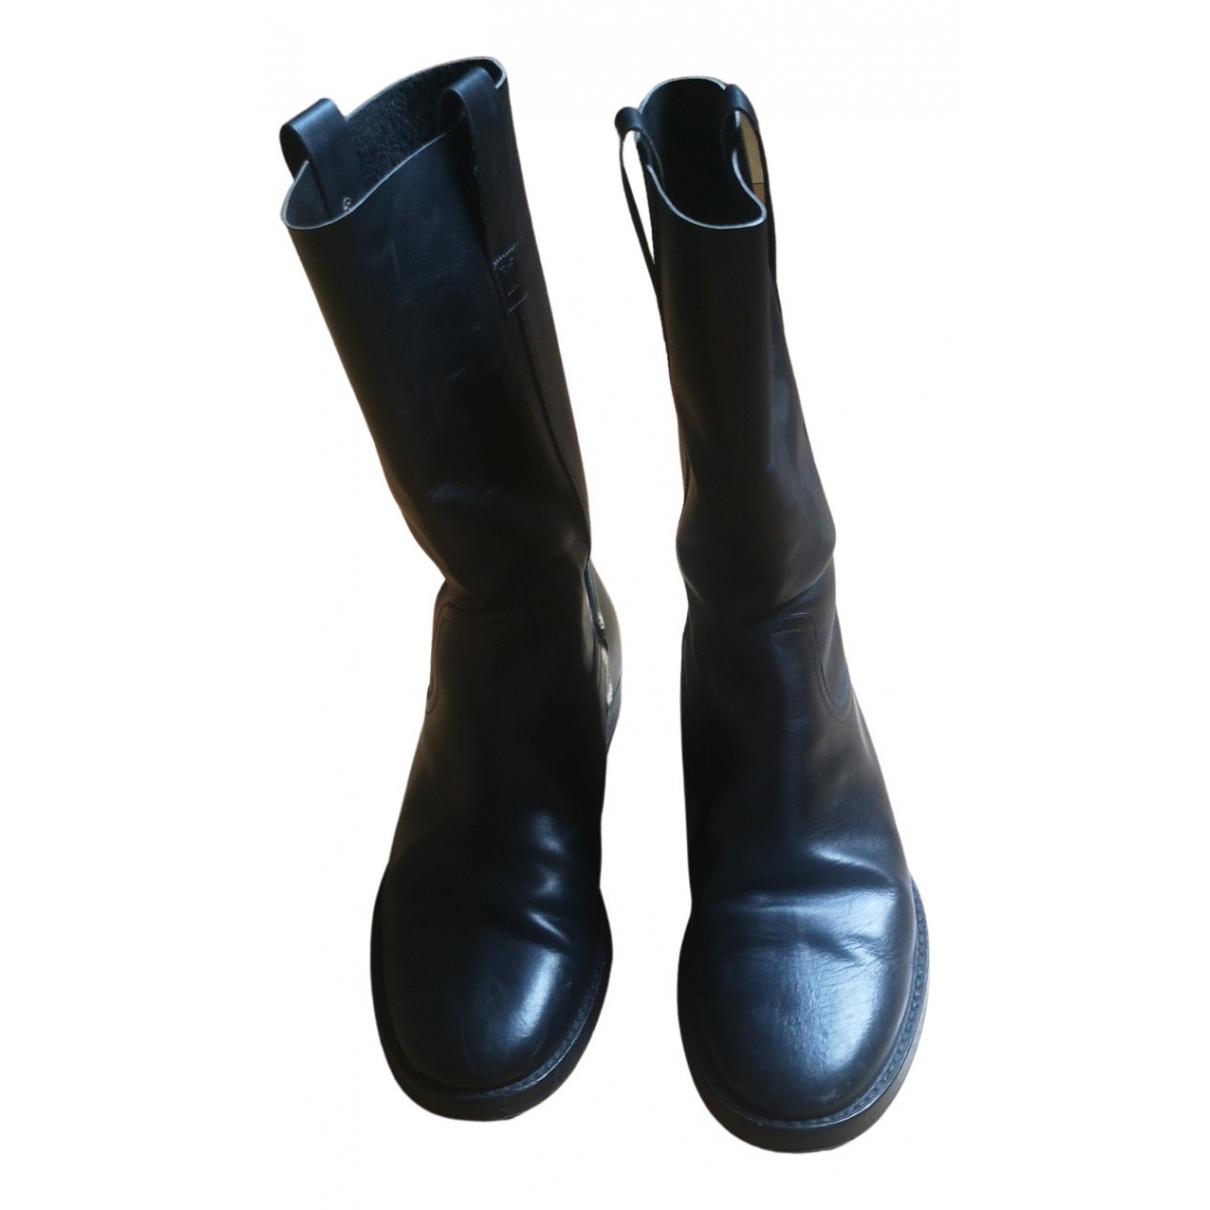 Louis Vuitton N Black Leather Boots for Men 42.5 EU